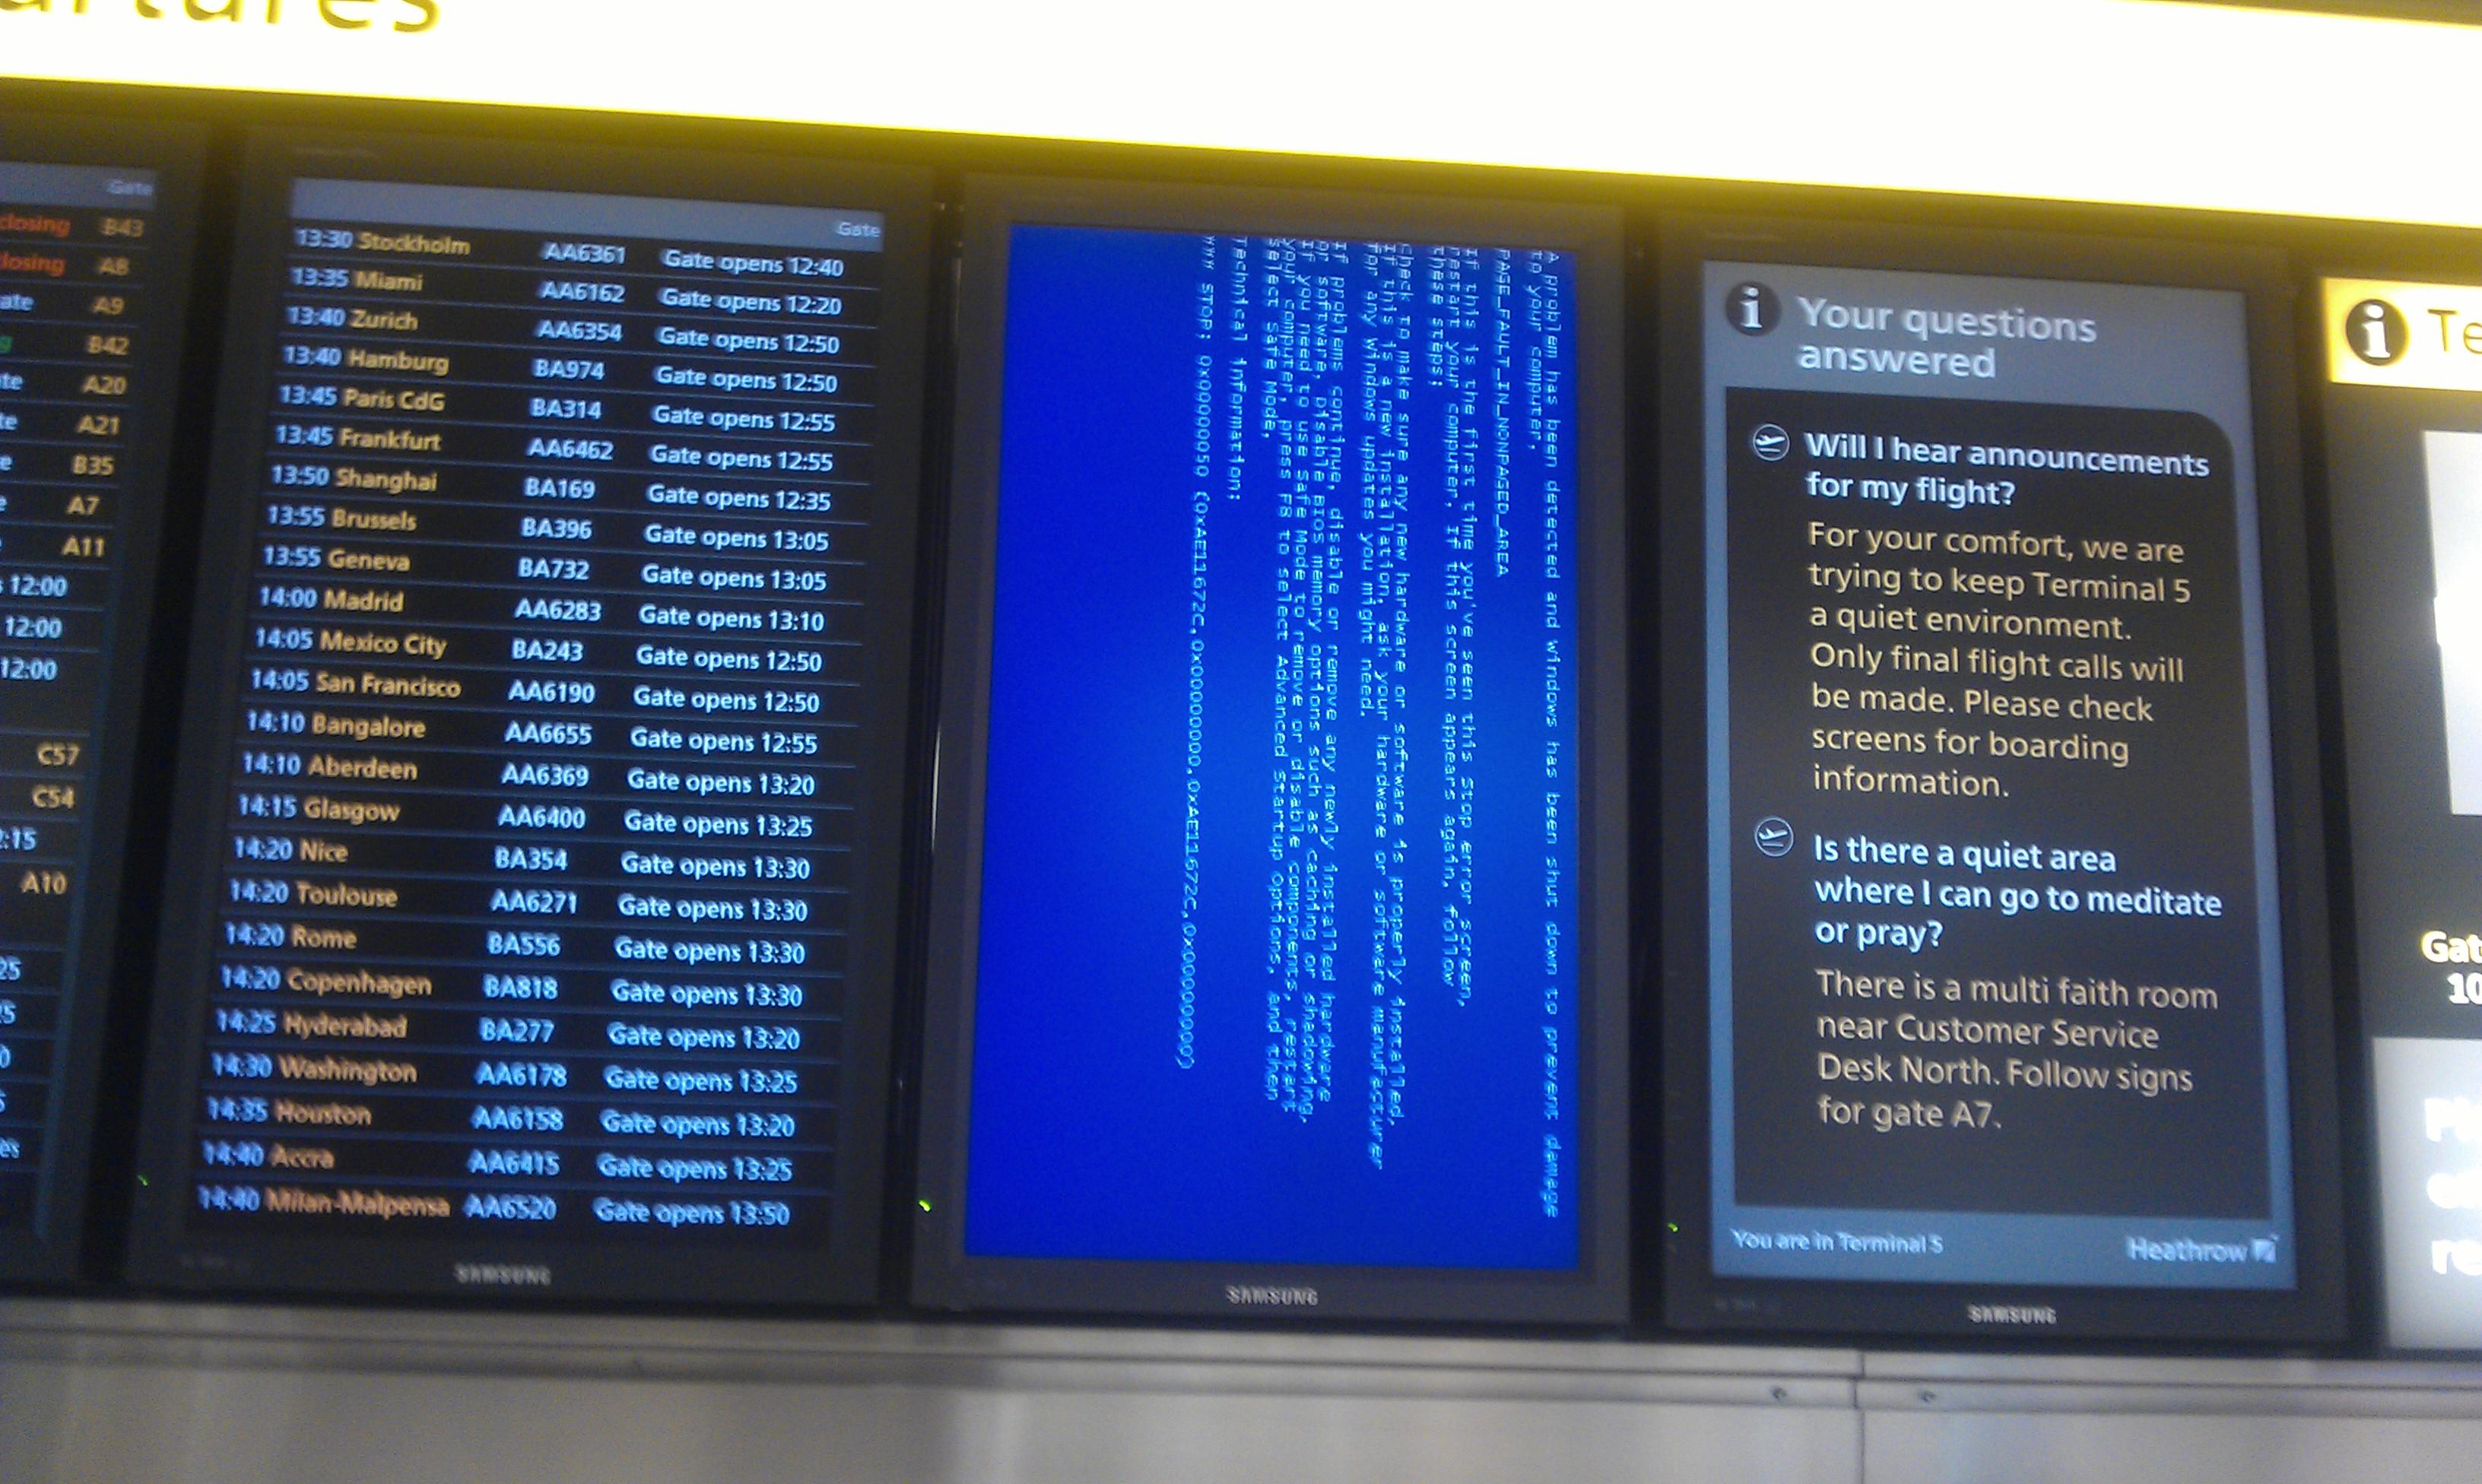 Systemen luchthaven Cleveland getroffen door ransomware